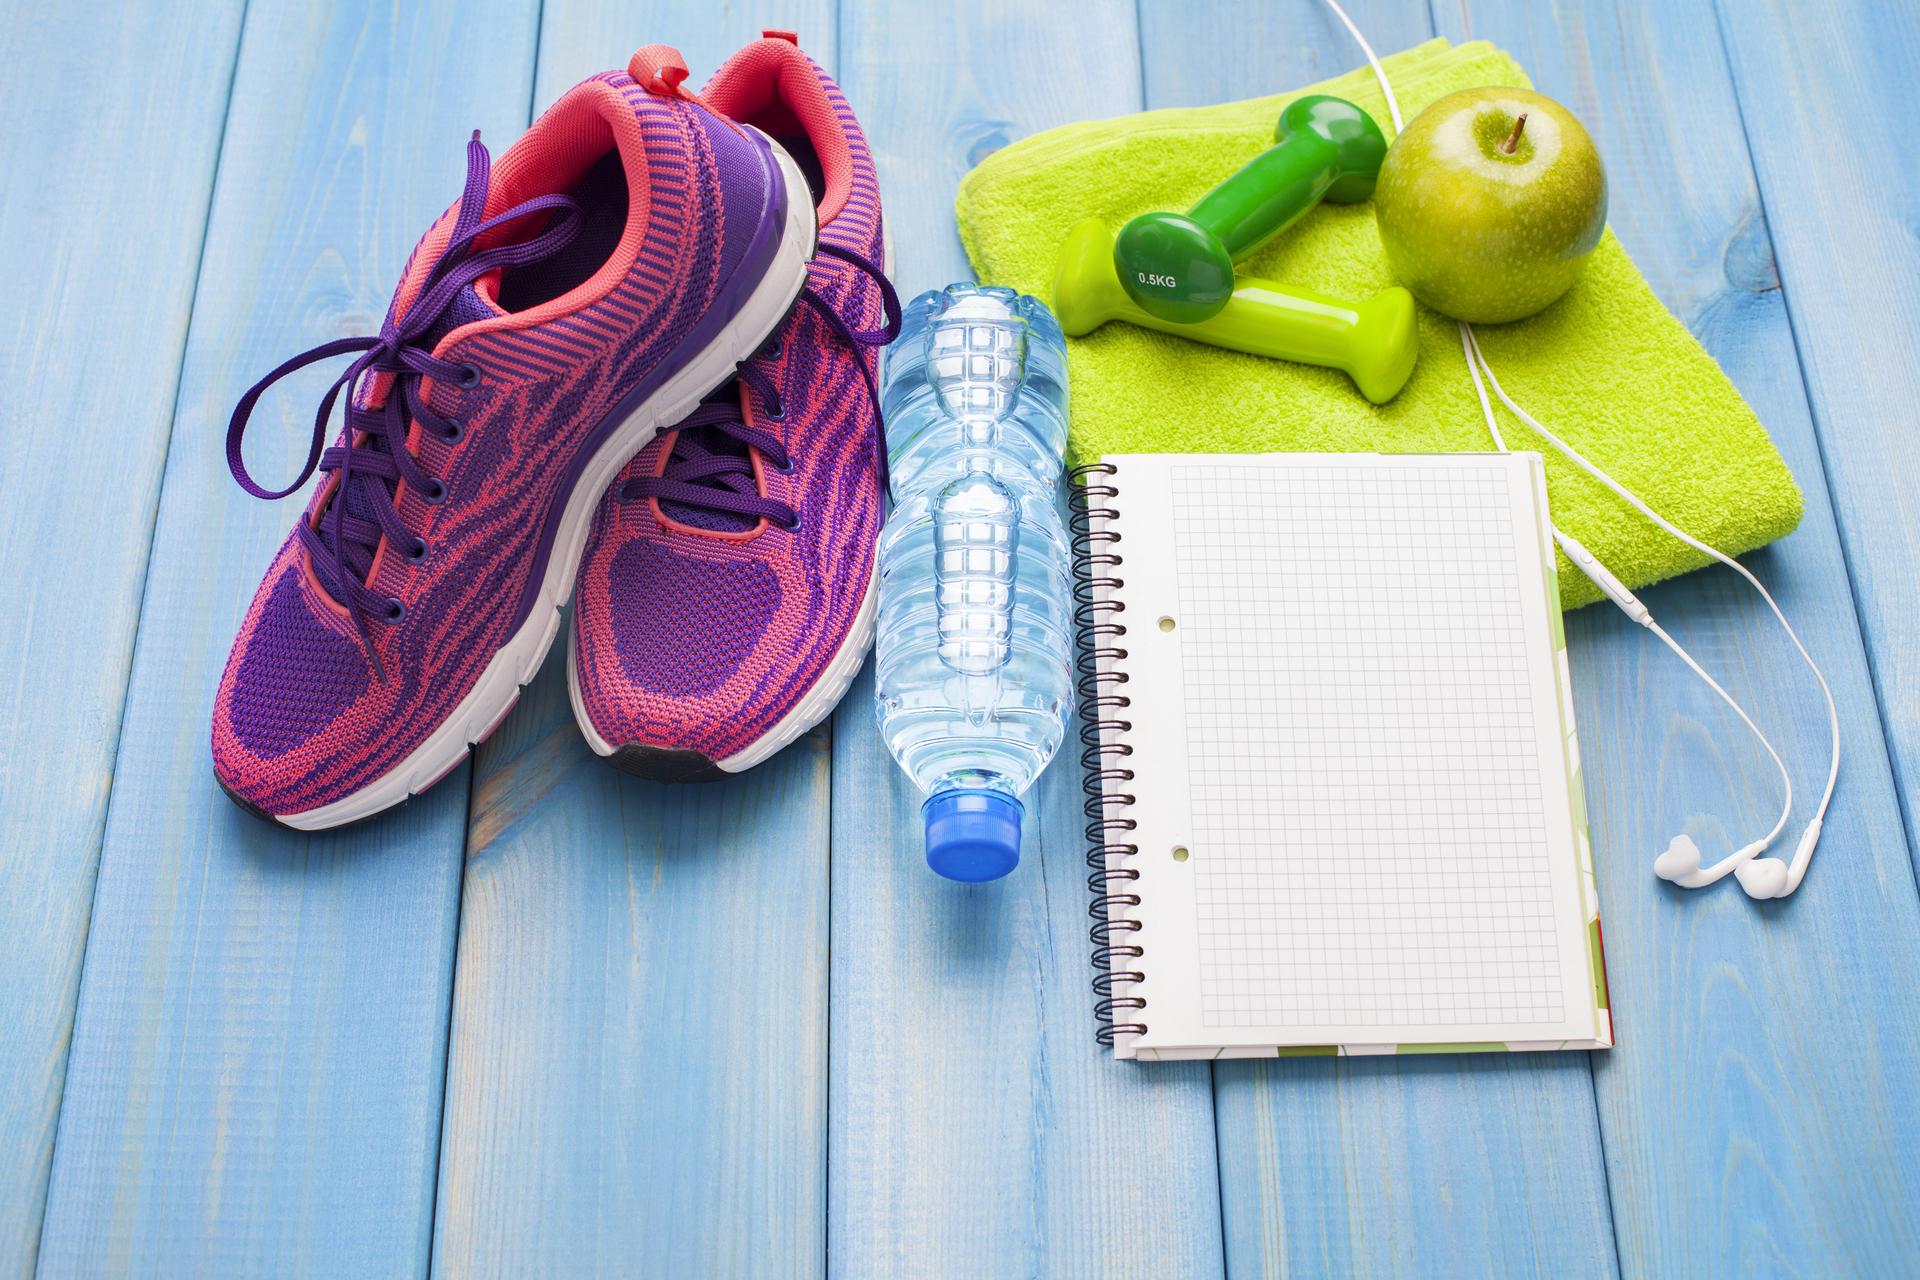 Harjoitusohjelman välineet